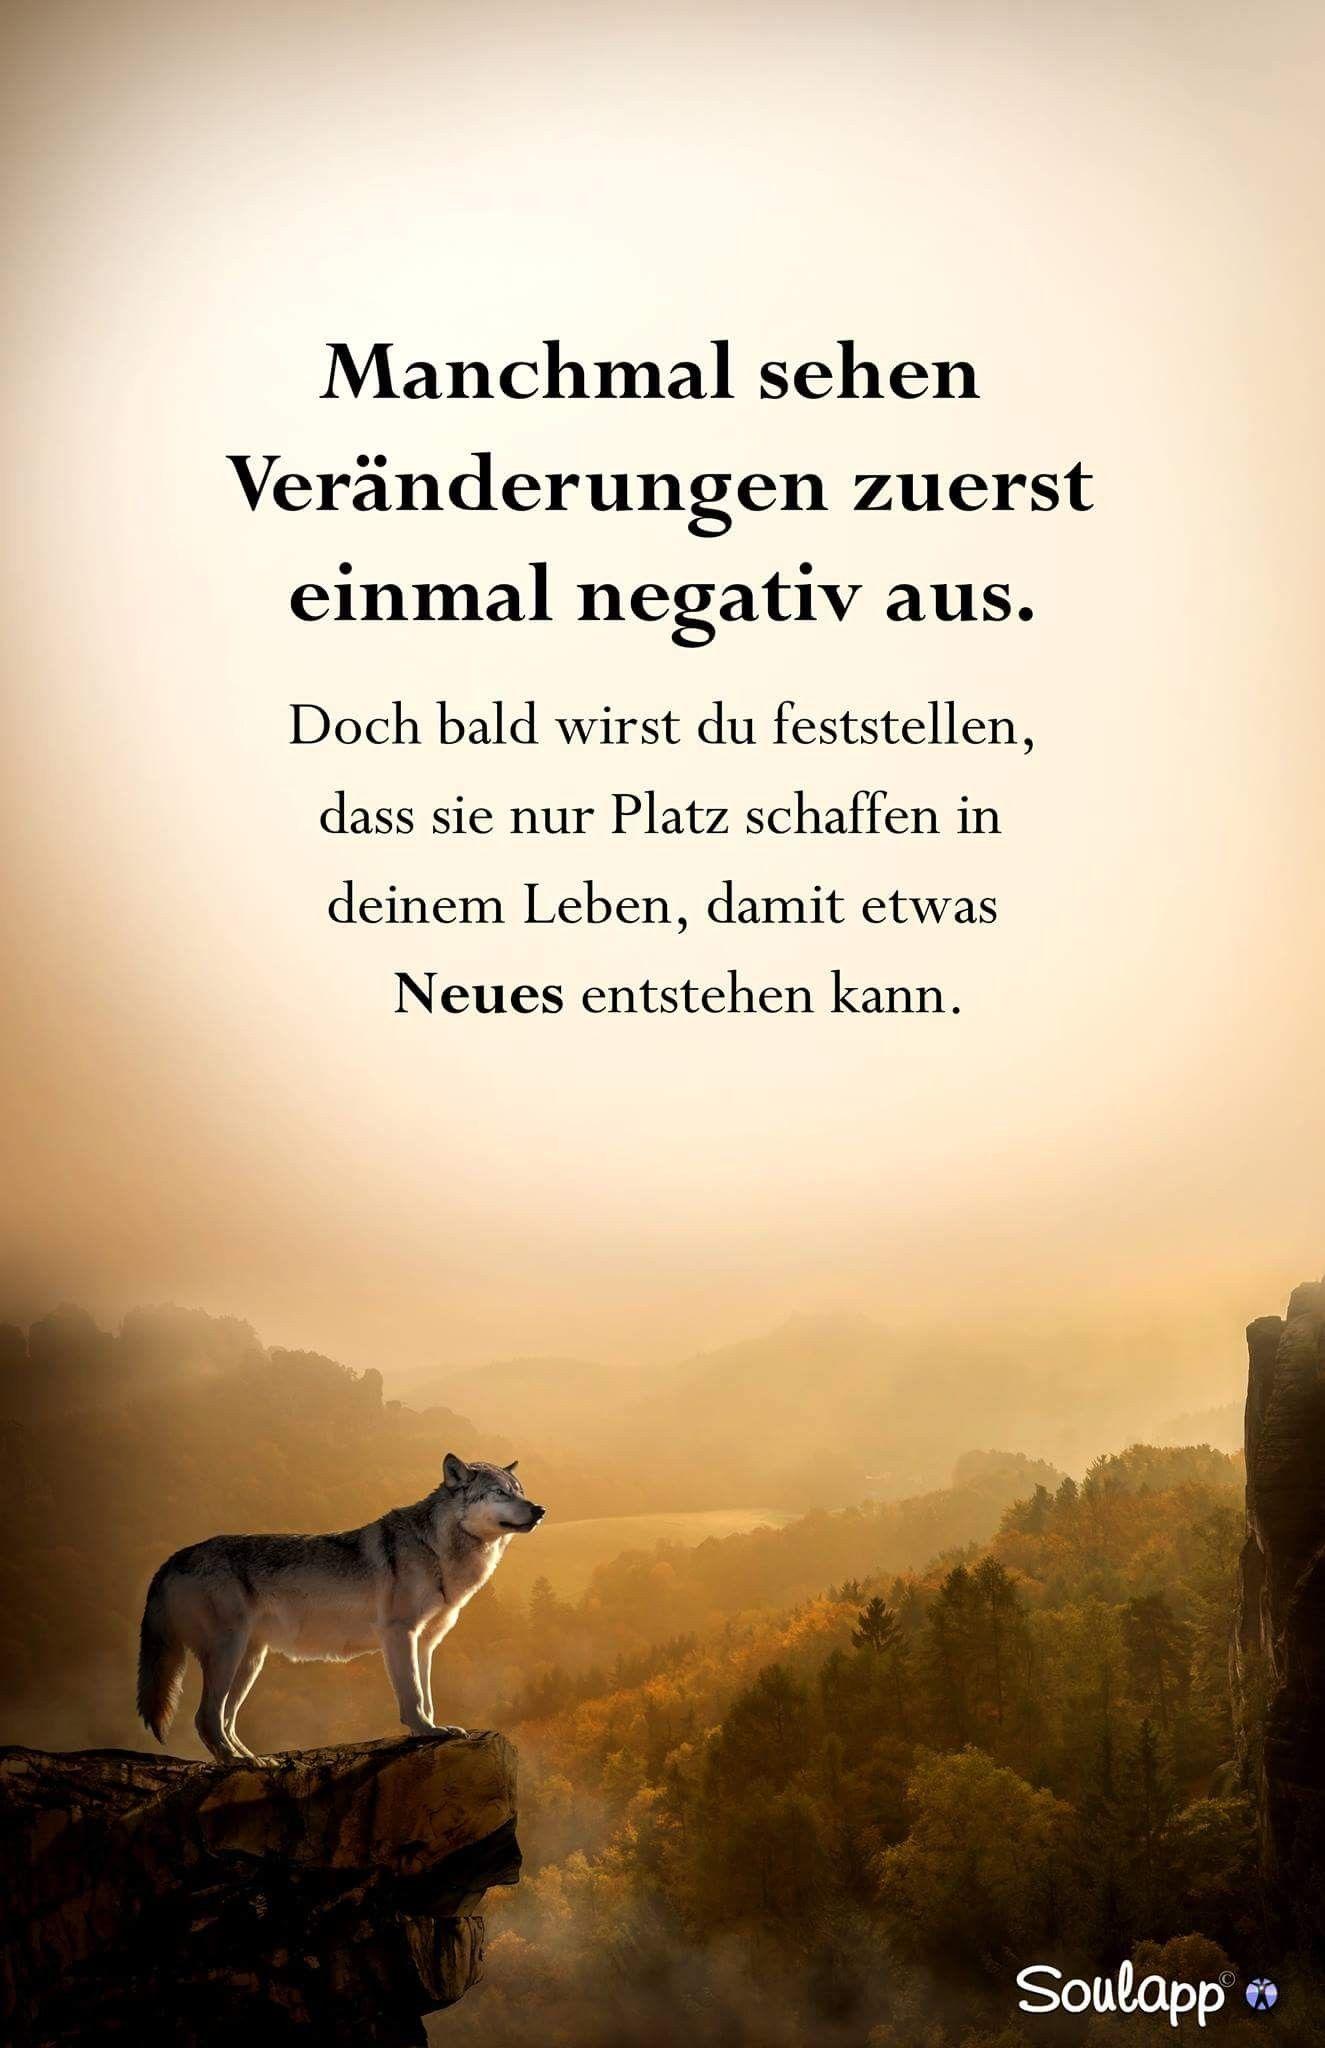 Sprüche zum nachdenken | MR Cruise | Quotations, German quotes und ...